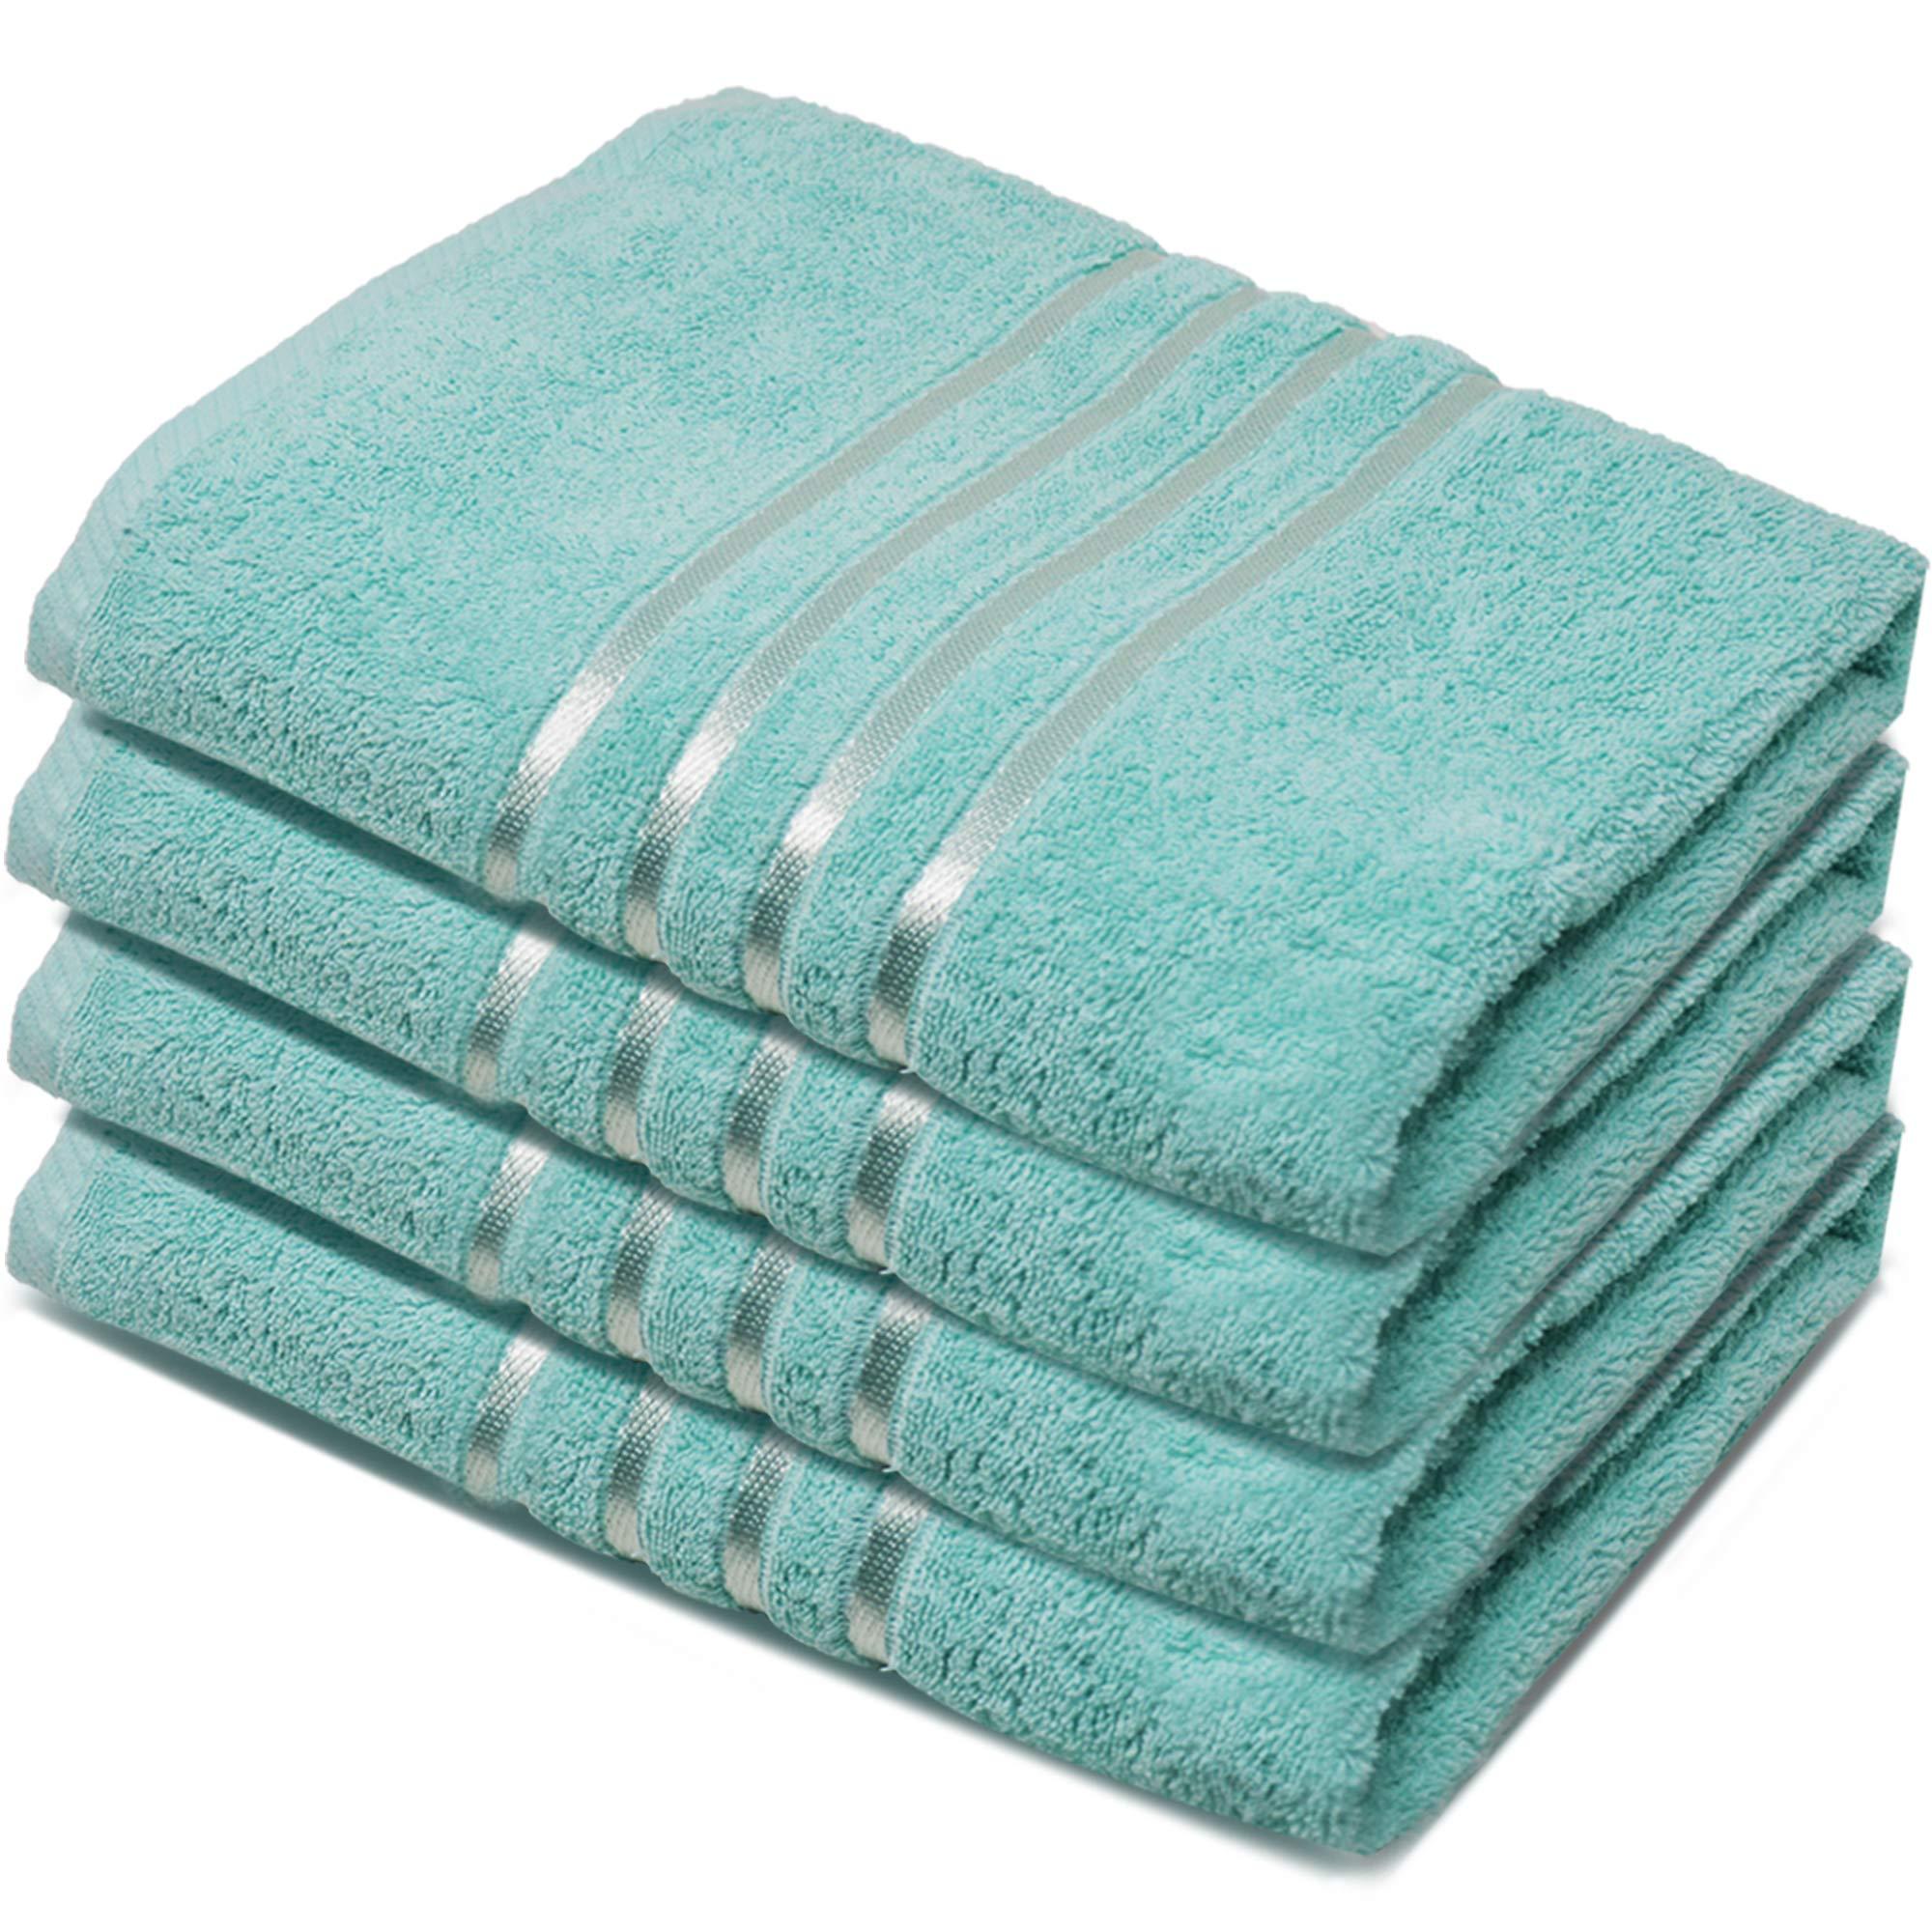 Towelogy® - Juego de Toallas de baño de algodón 100% Hilado en Anillo, 500 g/m², Peso Pesado y Absorbente, Uso Diario, Aguamarina, Pack de 4: Amazon.es: Hogar